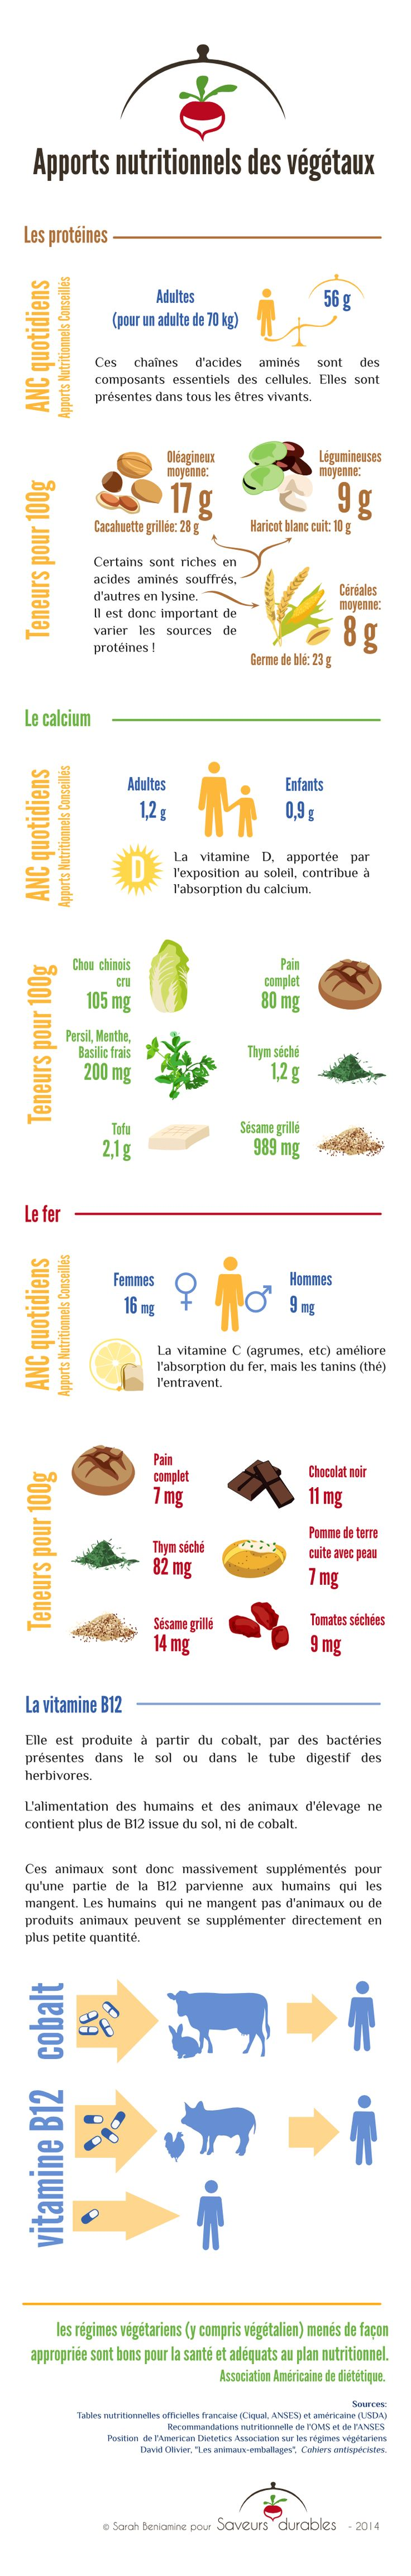 Apports nutritionnels des végétaux